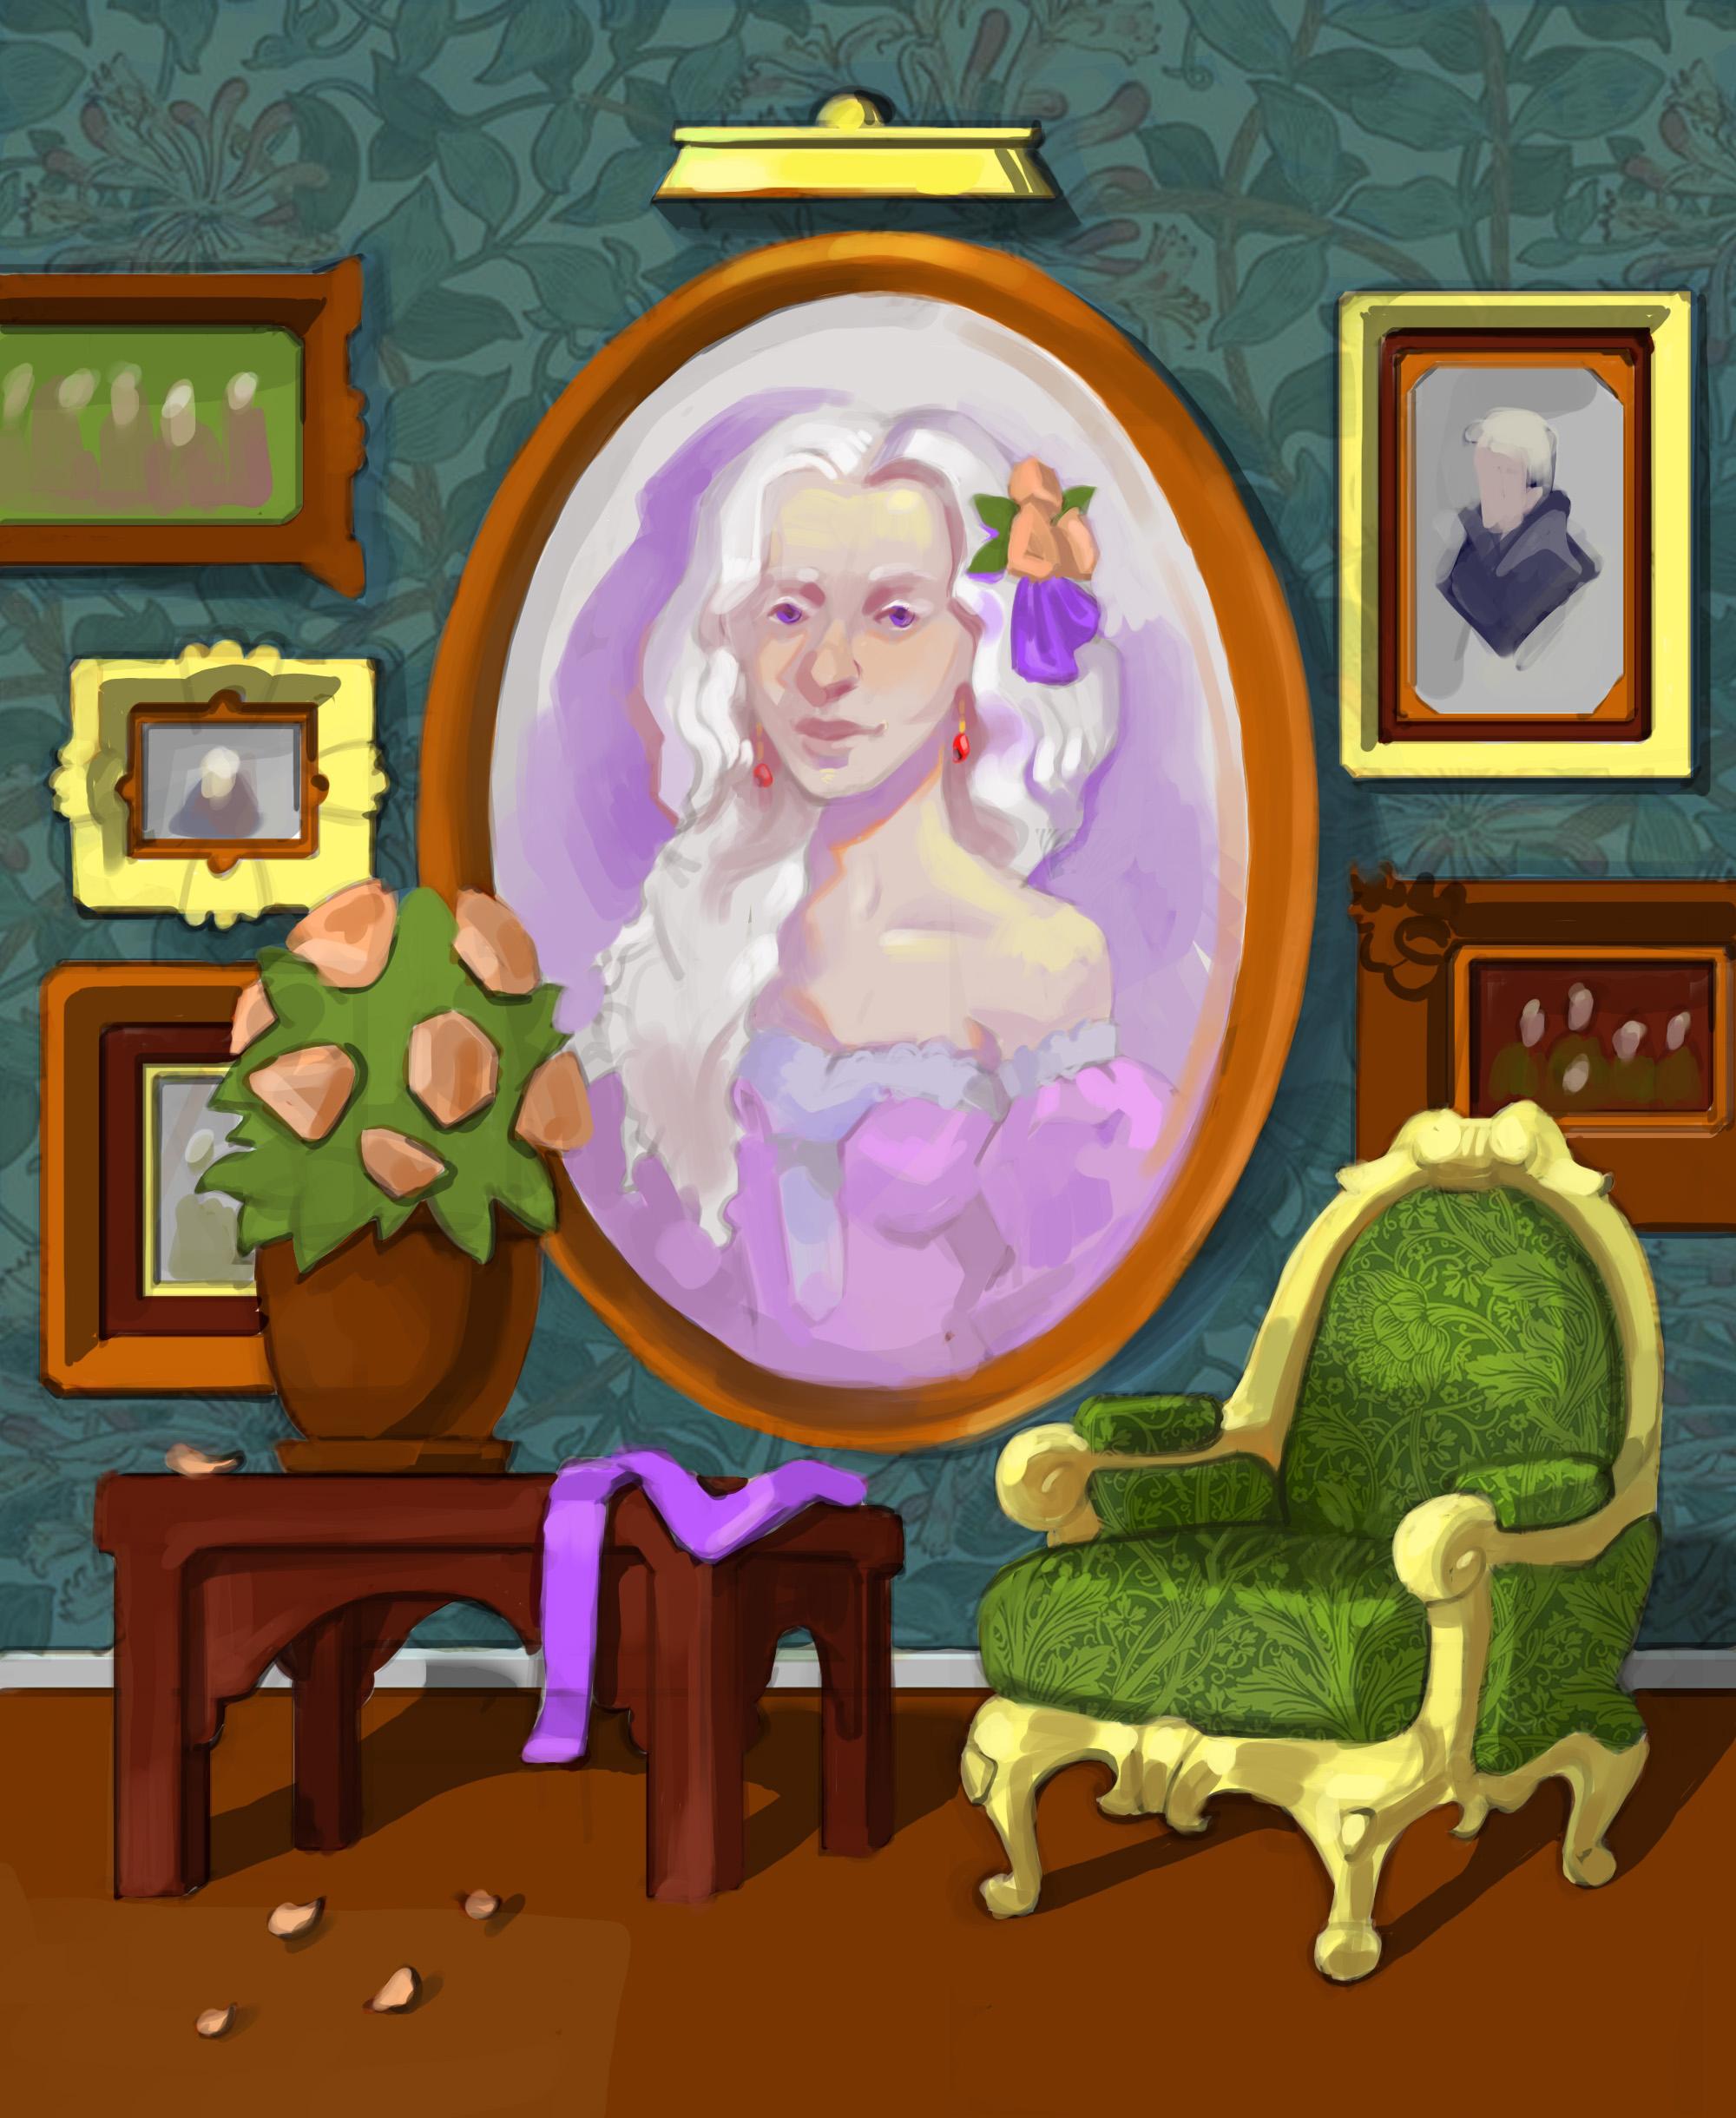 портрет девушки из племени альбиносов-1.jpg